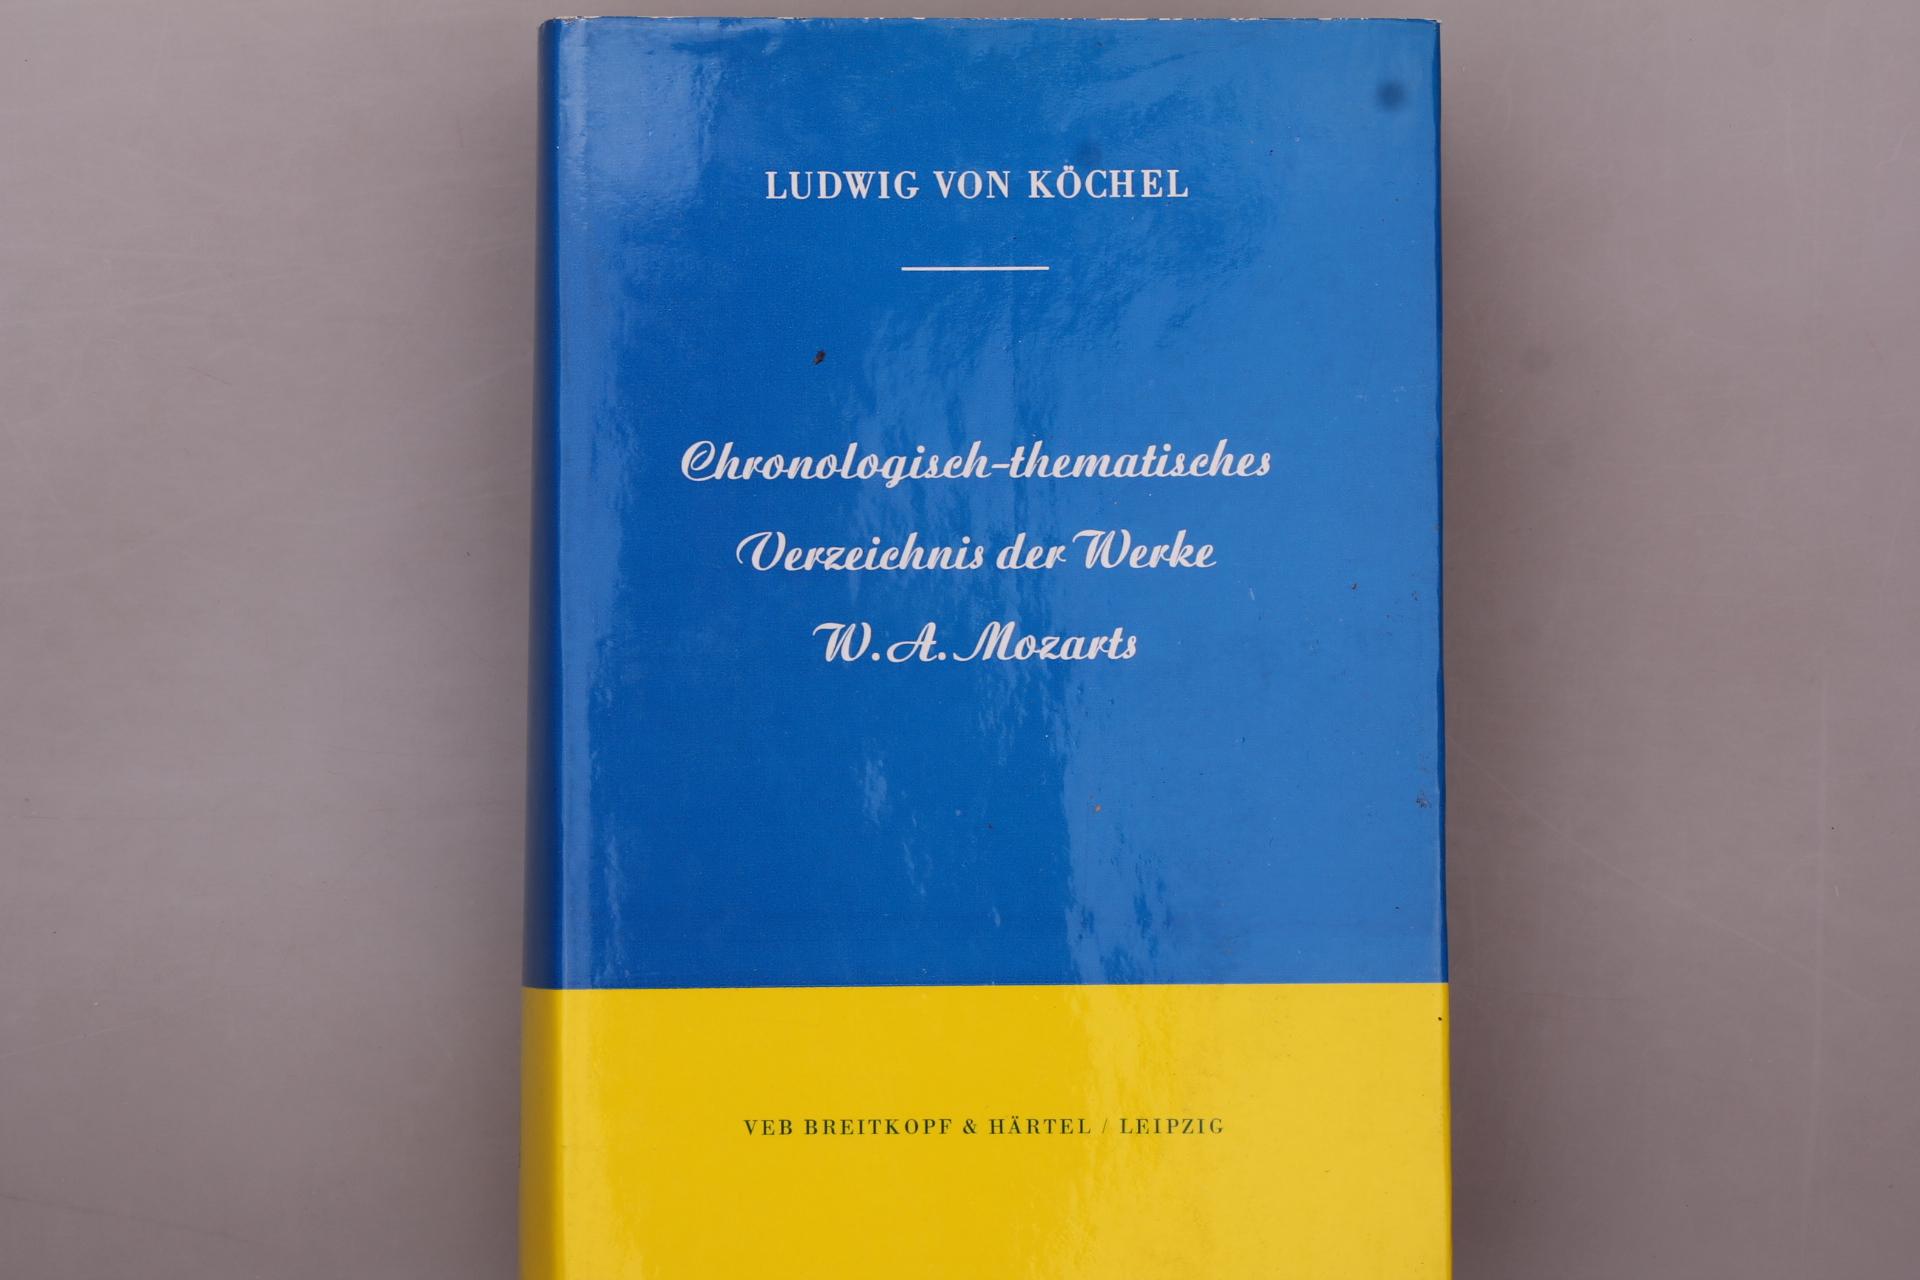 CHRONOLOGISCH-THEMATISCHES VERZEICHNIS DER WERKE W.A. MOZARTS. Nebst: Köchel, Ludwig von